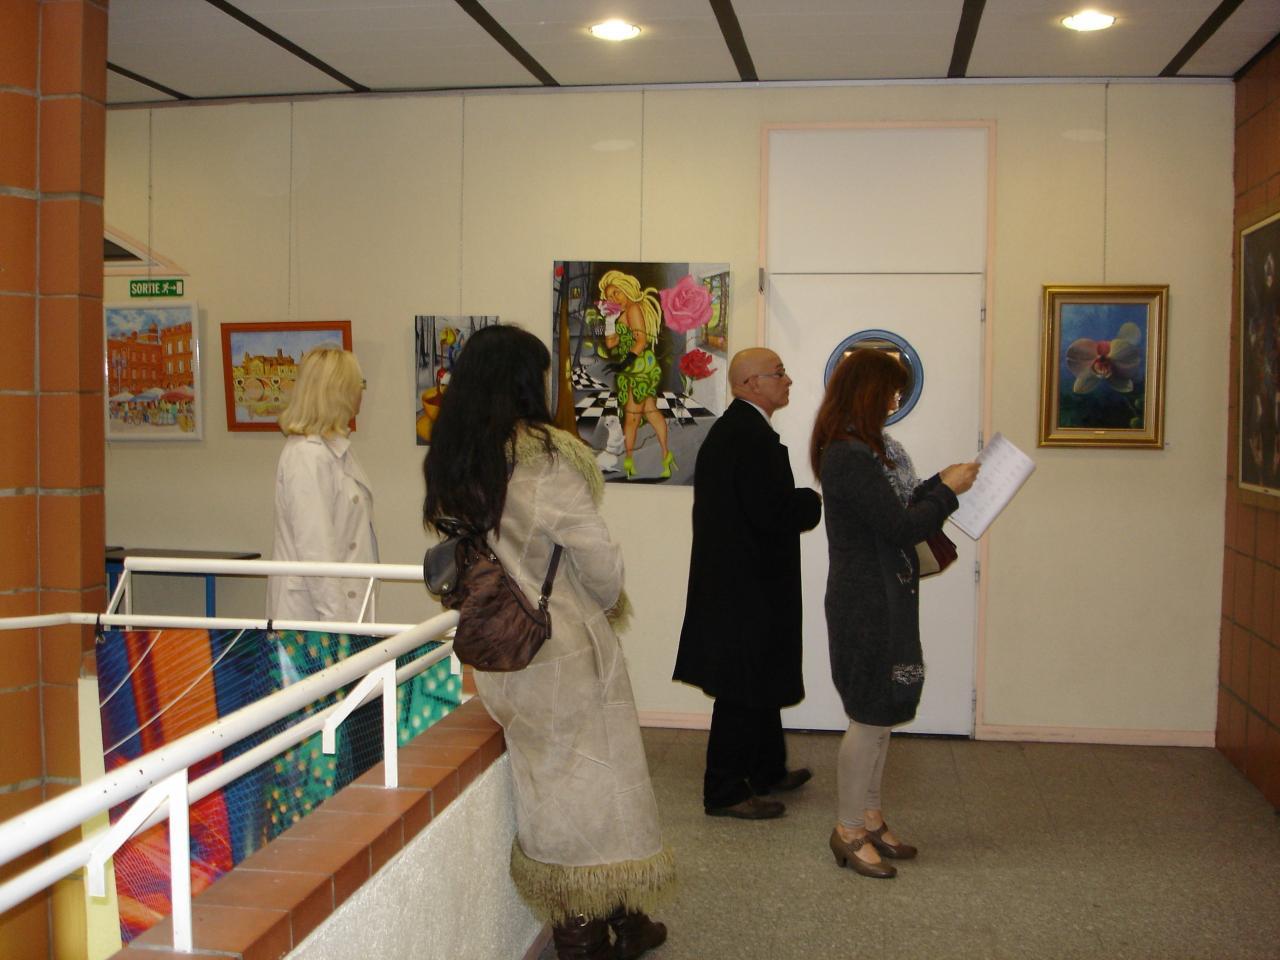 Expositions de tableaux de jo lle bernard artiste peintre - Salon international d art contemporain toulouse ...